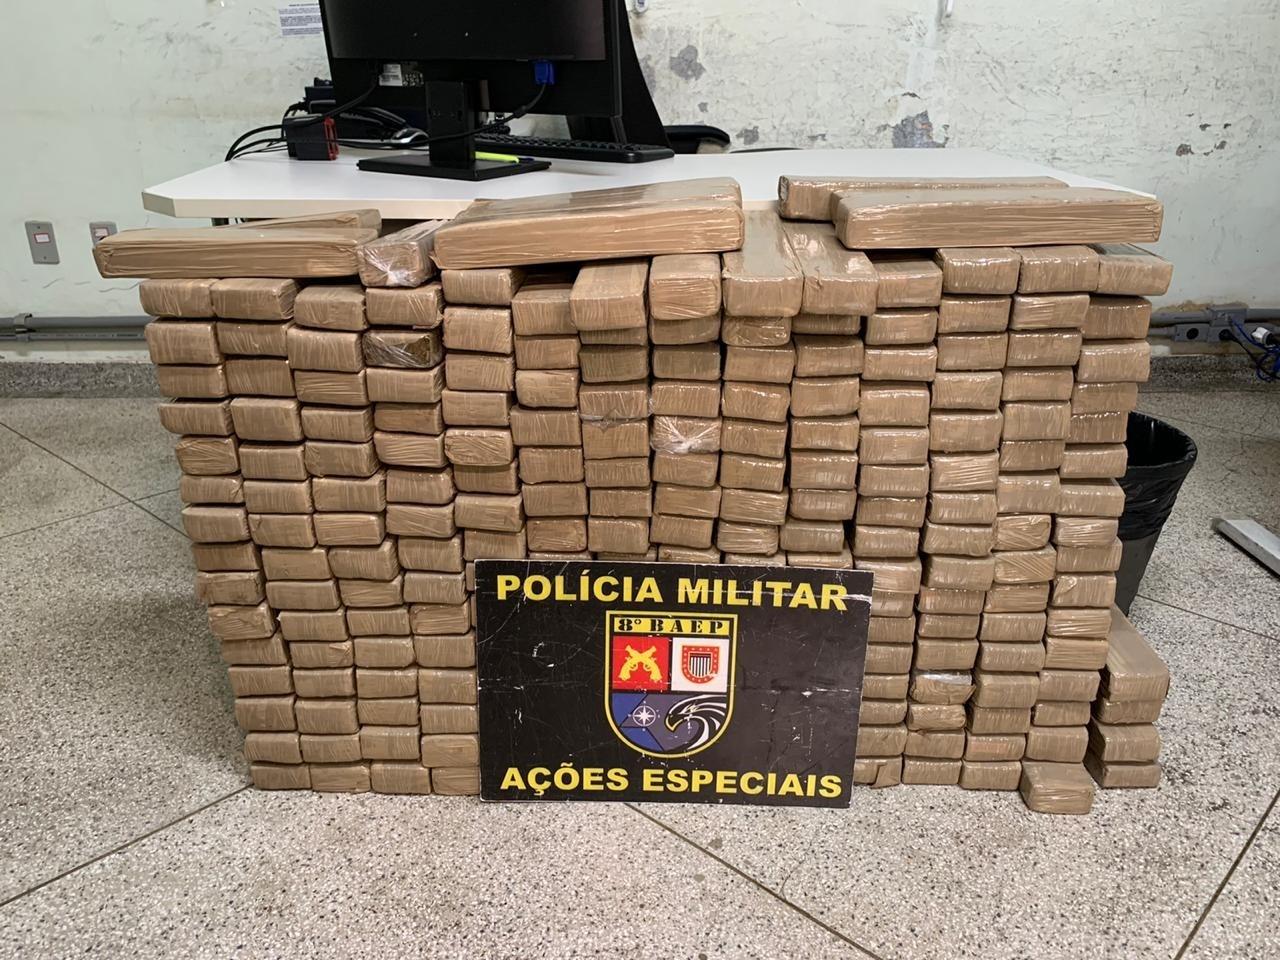 Motorista acelera para tentar escapar de abordagem policial, mas acaba preso com mais de 200 kg de maconha em Pres. Prudente